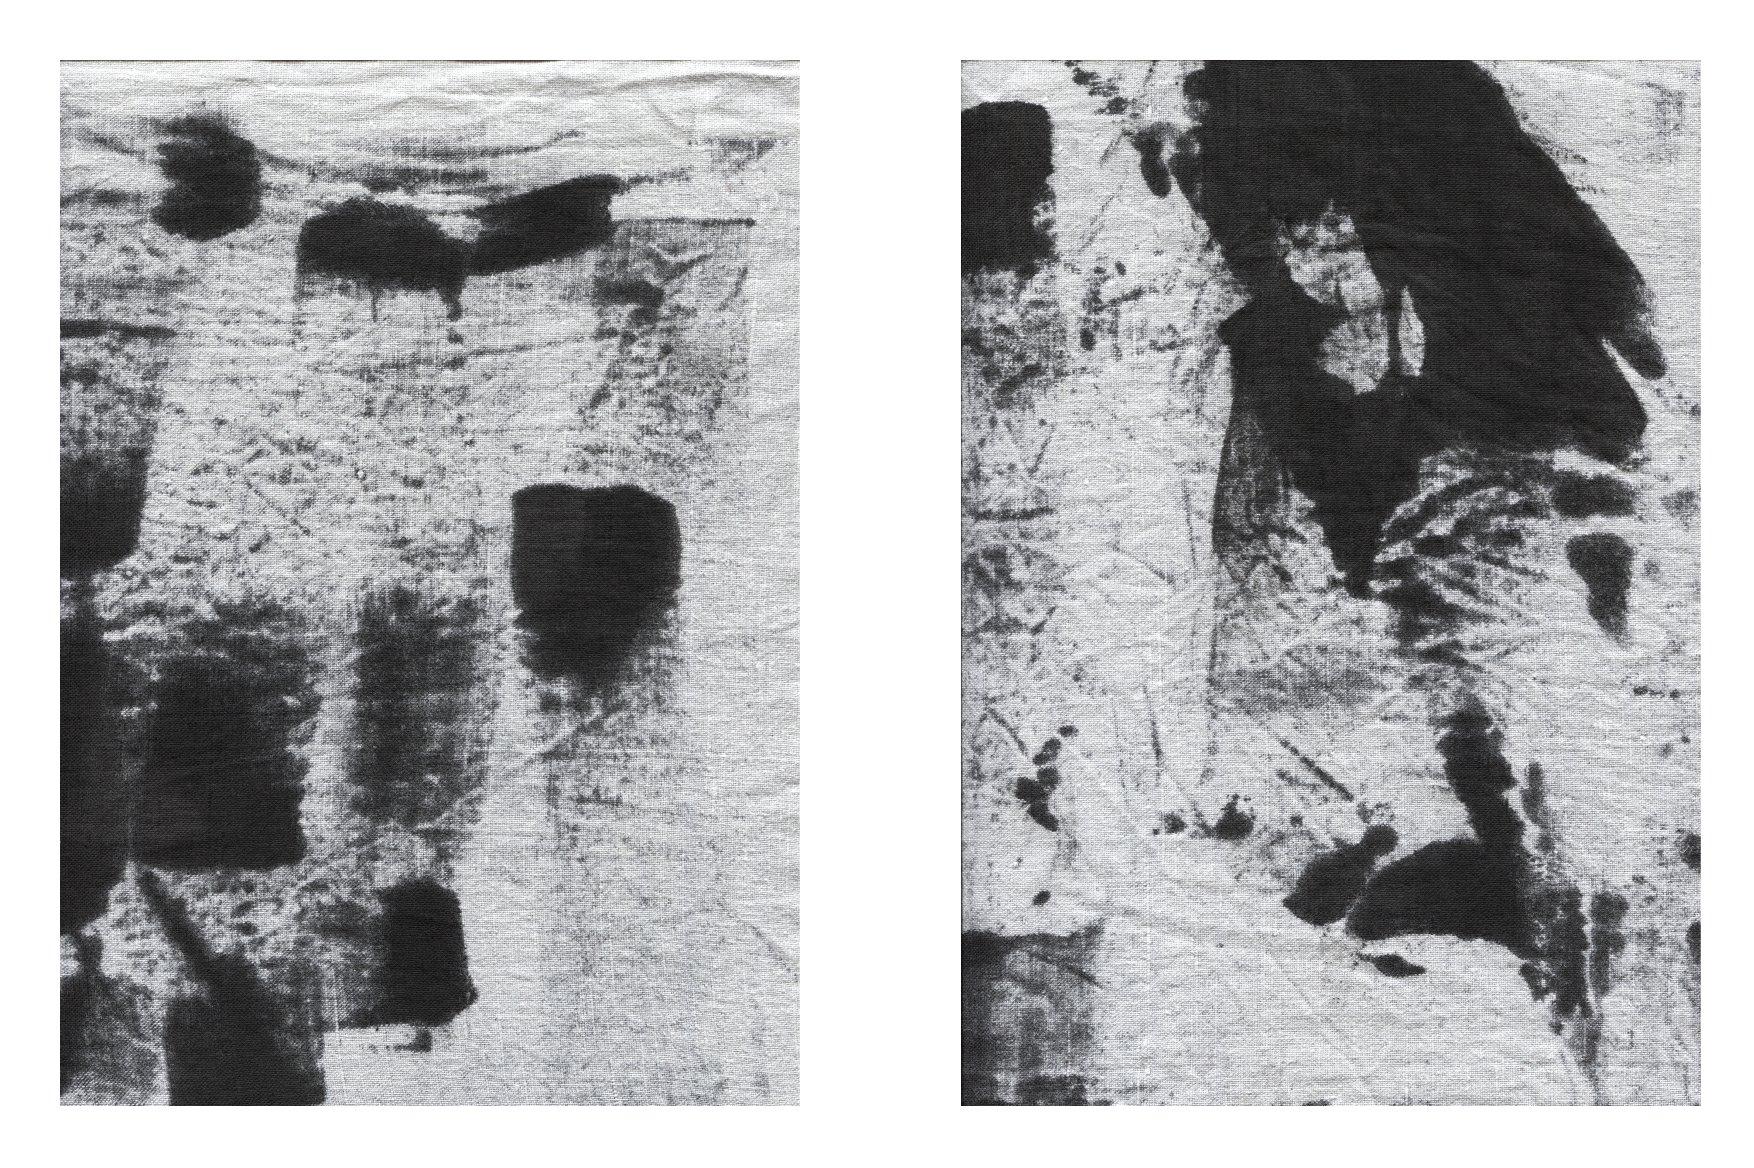 156款复古做旧折痕磨损褶皱纸张背景纹理素材合集 The Grunge Texture Bundle Vol. 1插图(17)